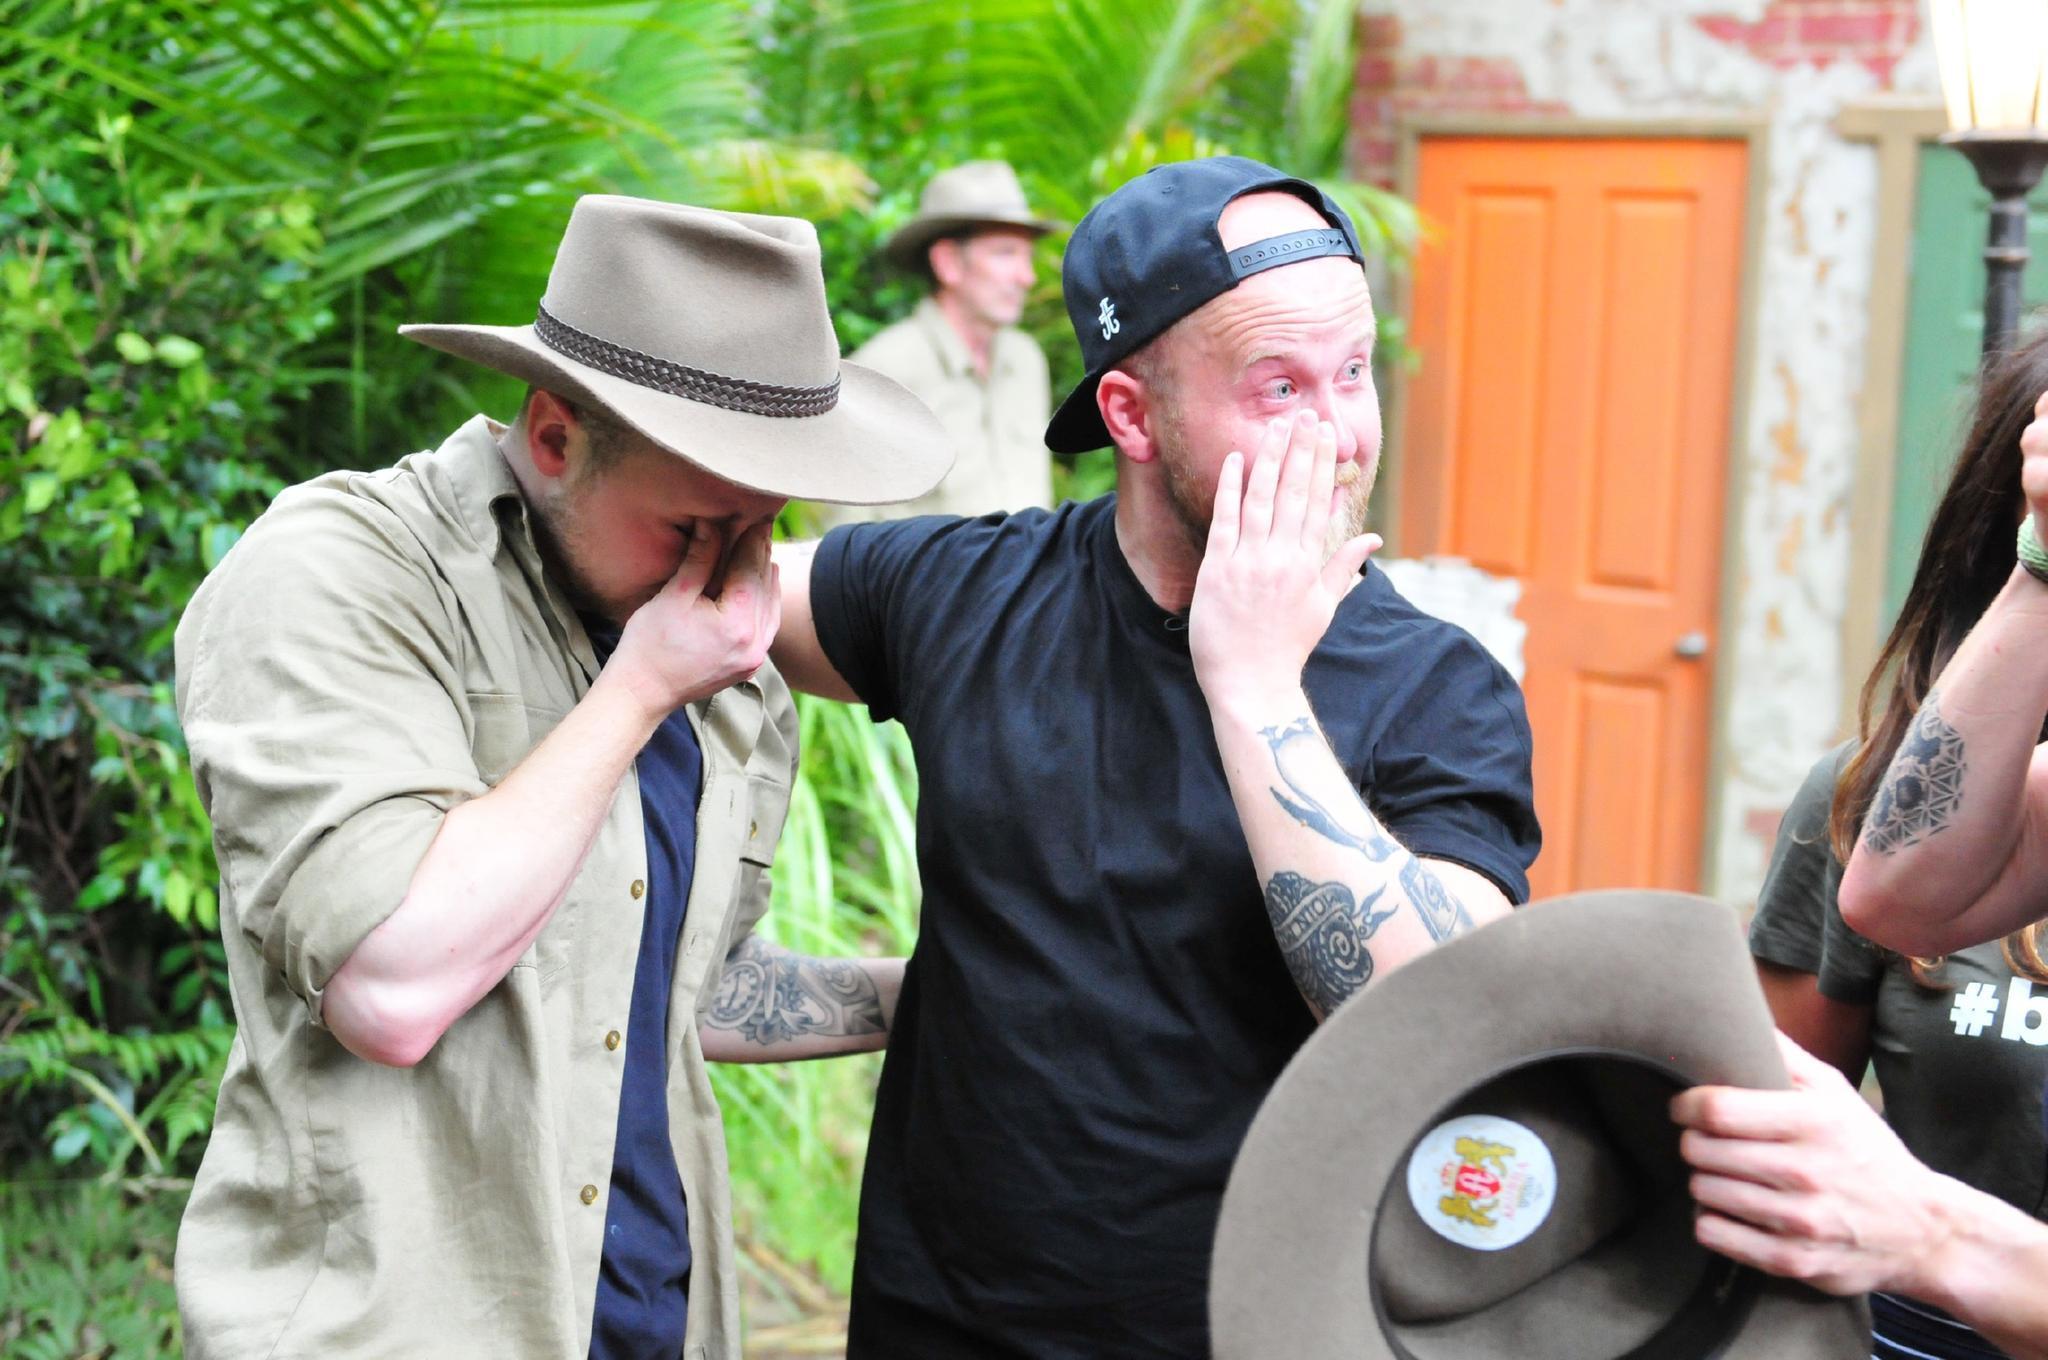 Bei Felix van Deventer fließen Tränen, als er seinen Bruder Timo in die Arme nehmen kann